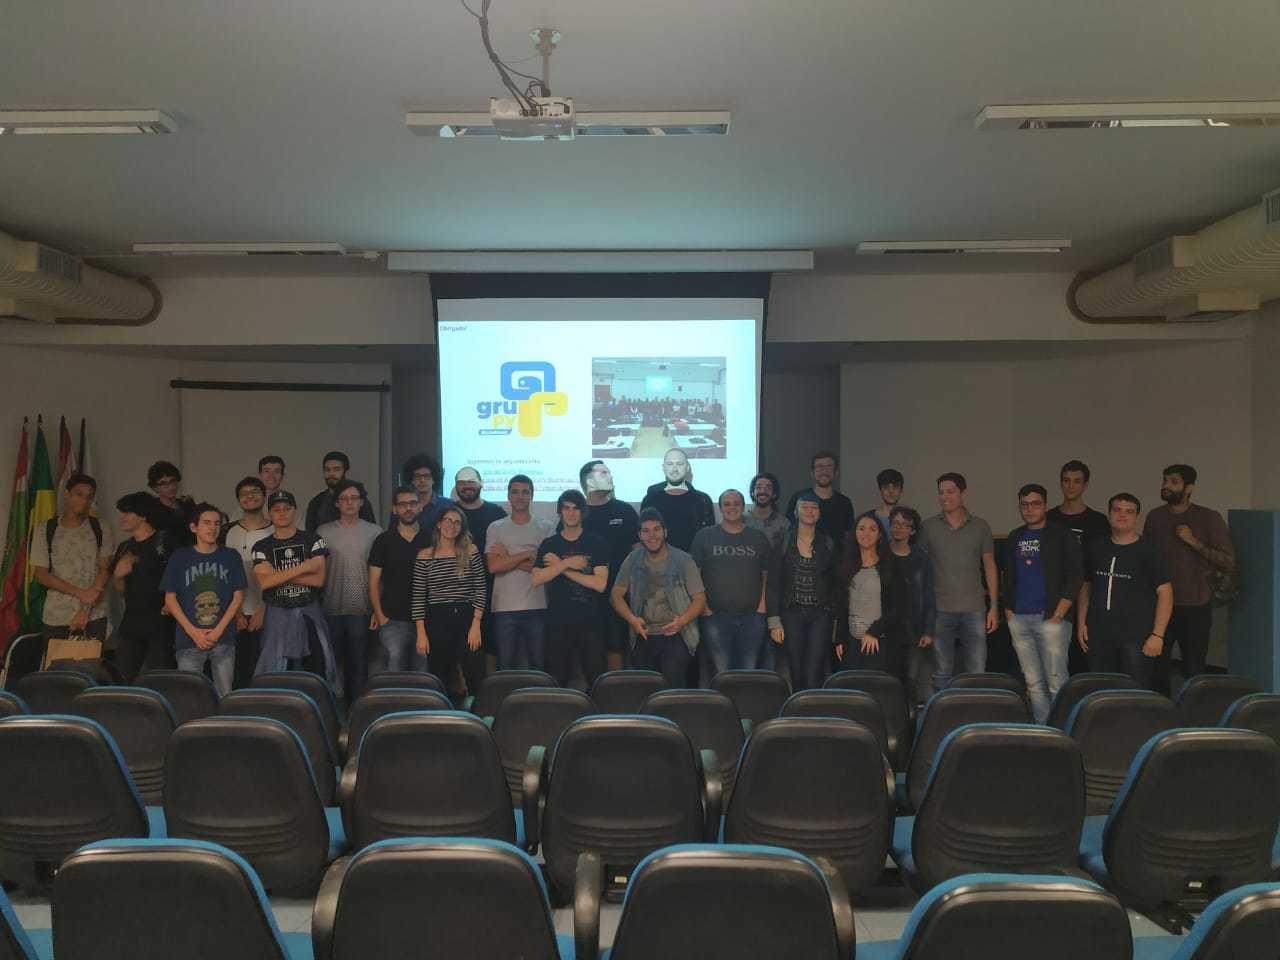 GruPy na Semana acadêmica de computação da FURB 2019